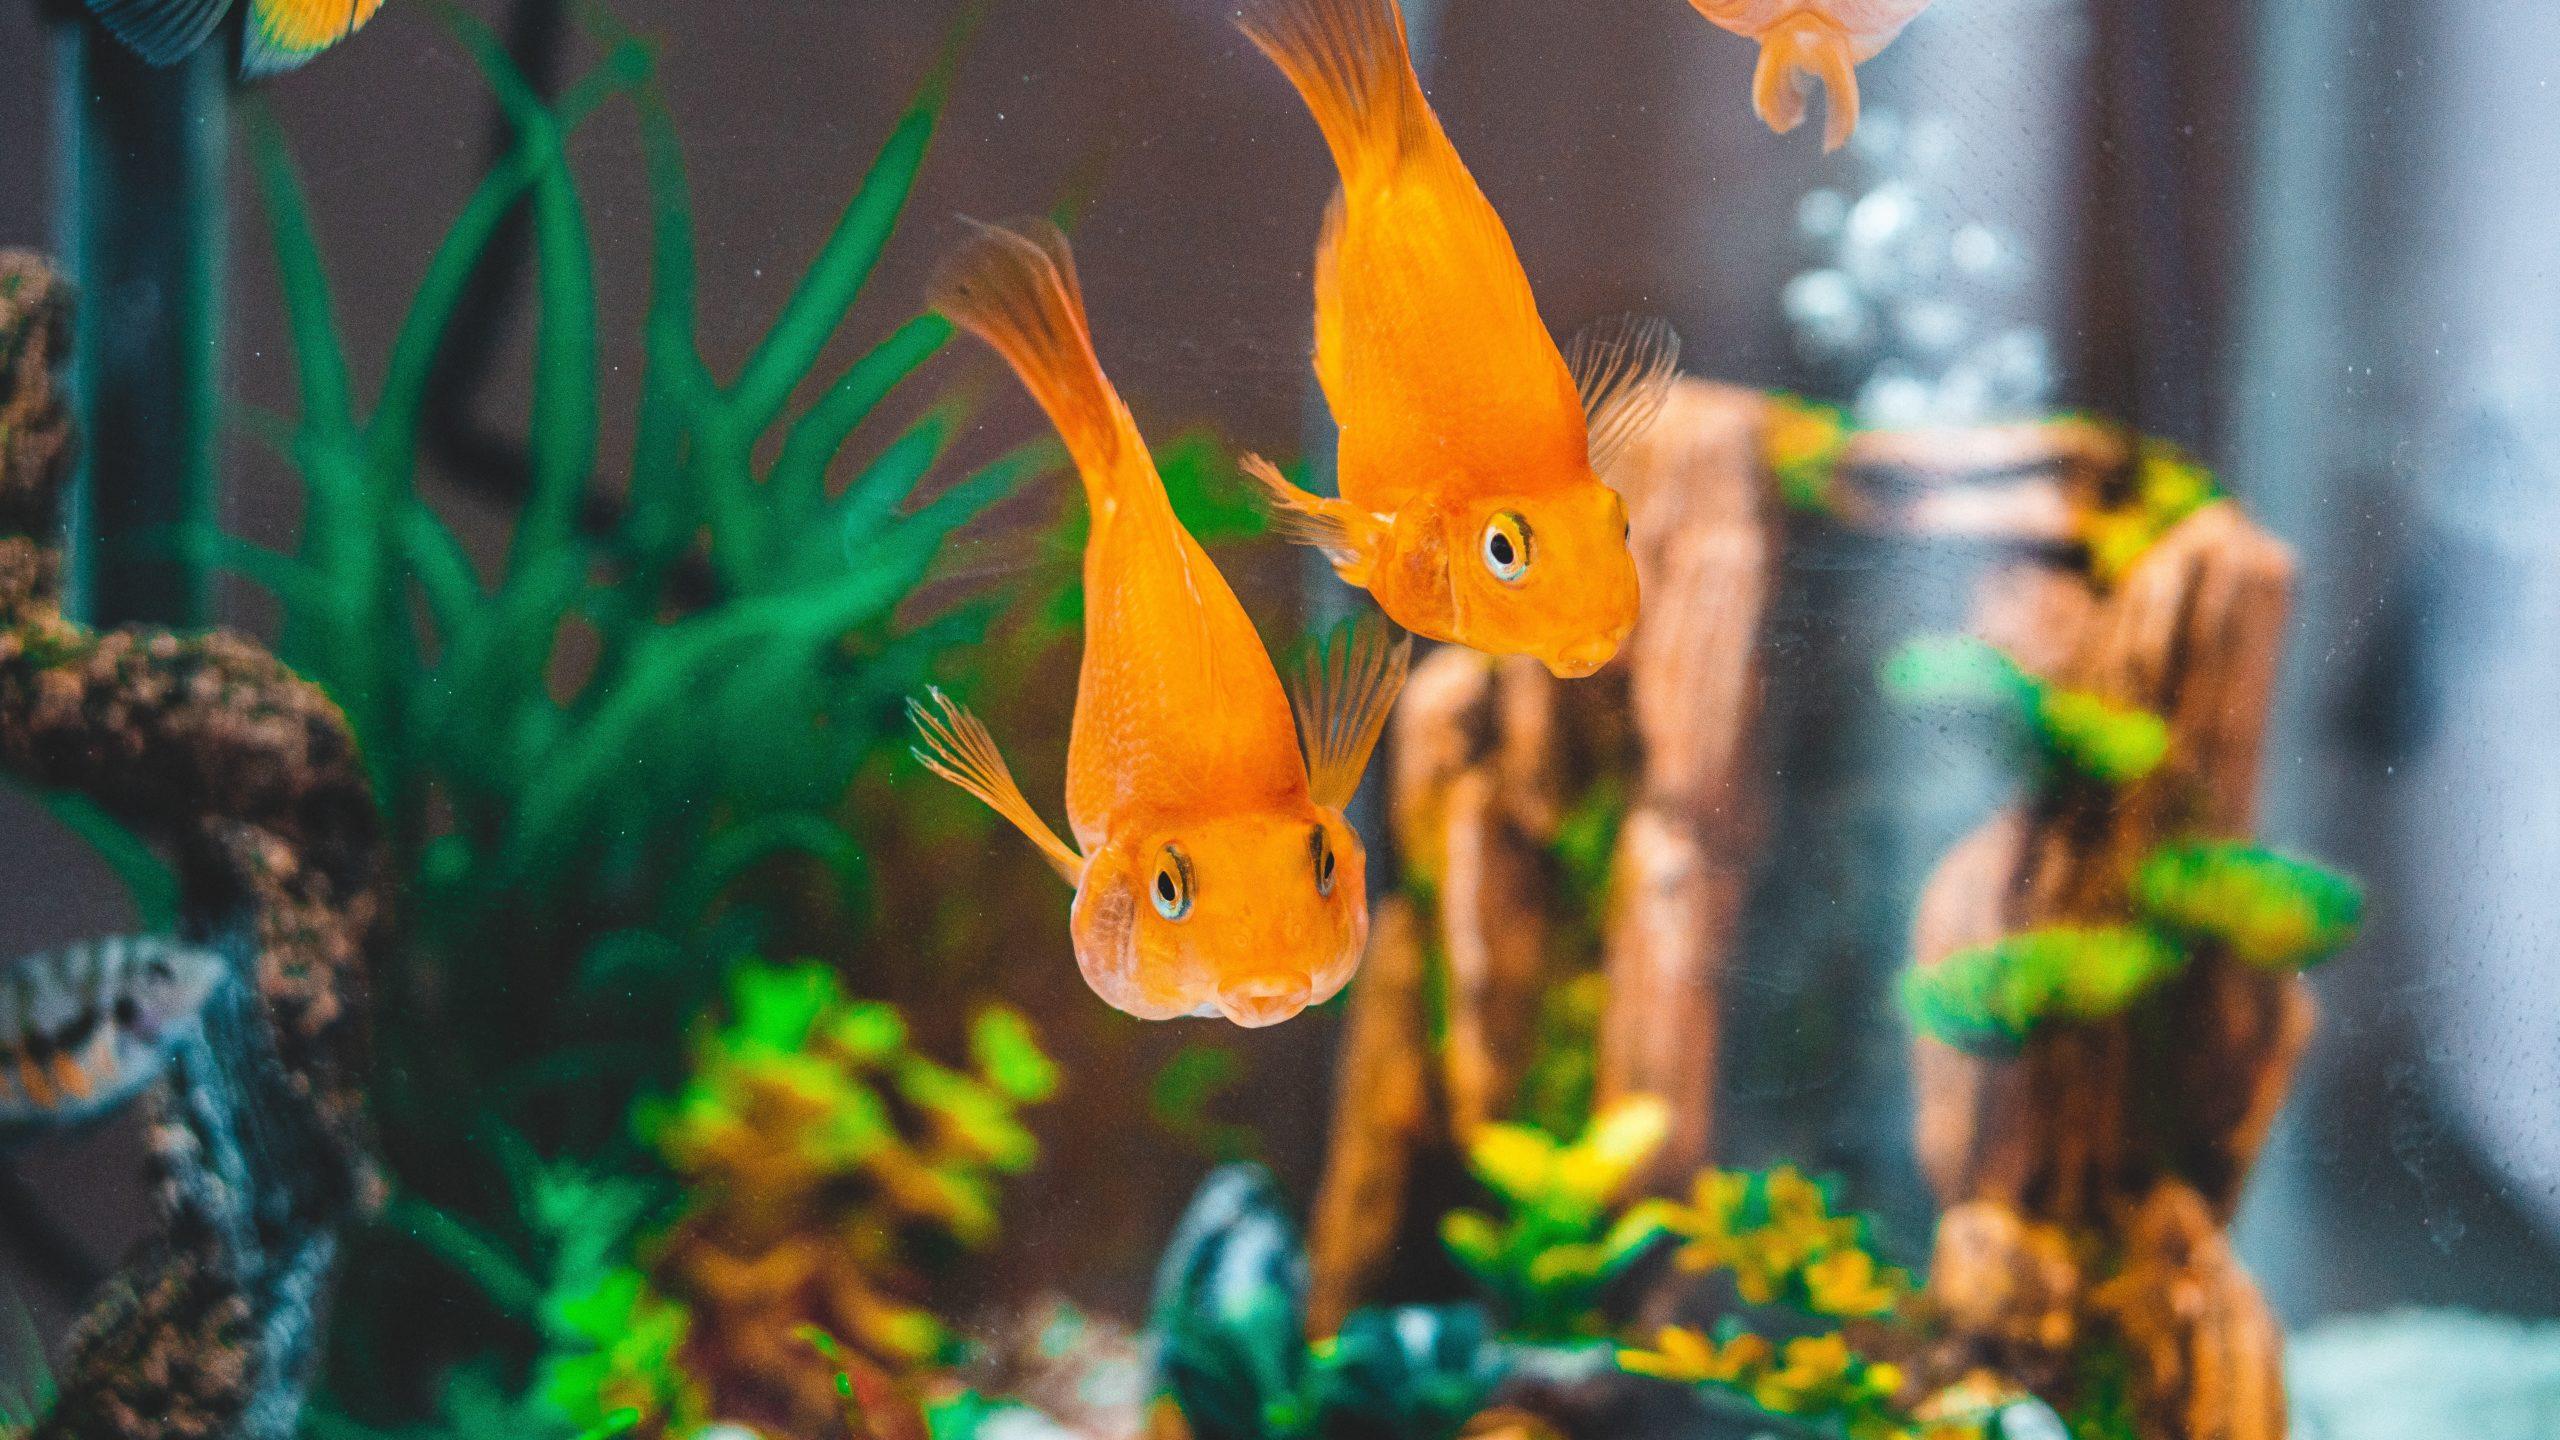 Zwei Goldfische die auf den Betrachter zuschwimmen, im Hintergrund sieht man noch Aquariums Deko